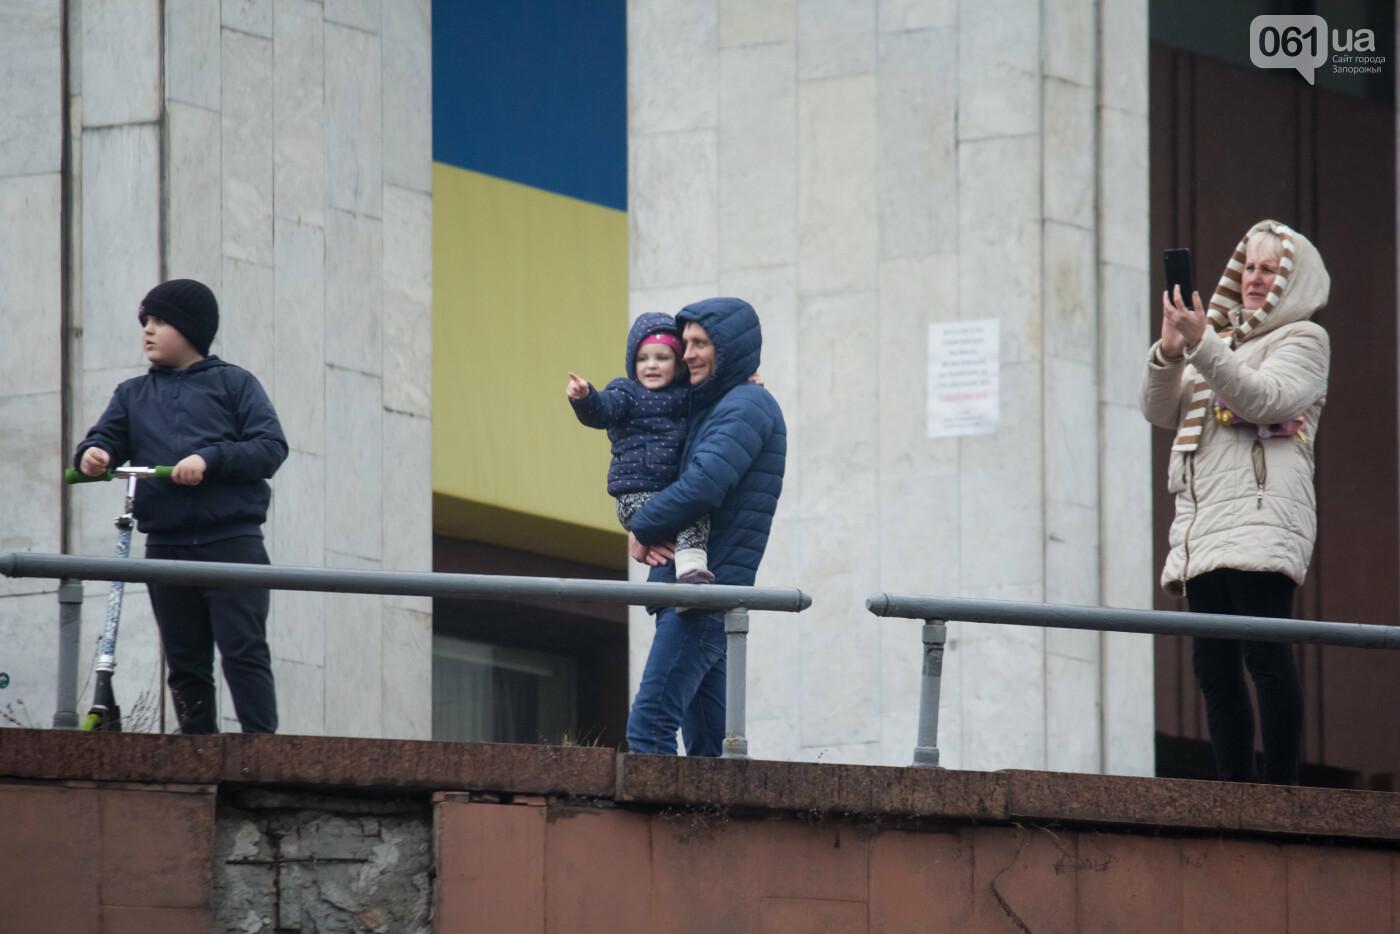 5 историй запорожцев, которые вышли на Марш женщин в Киеве: почему для них это важно, - ФОТОРЕПОРТАЖ, фото-14